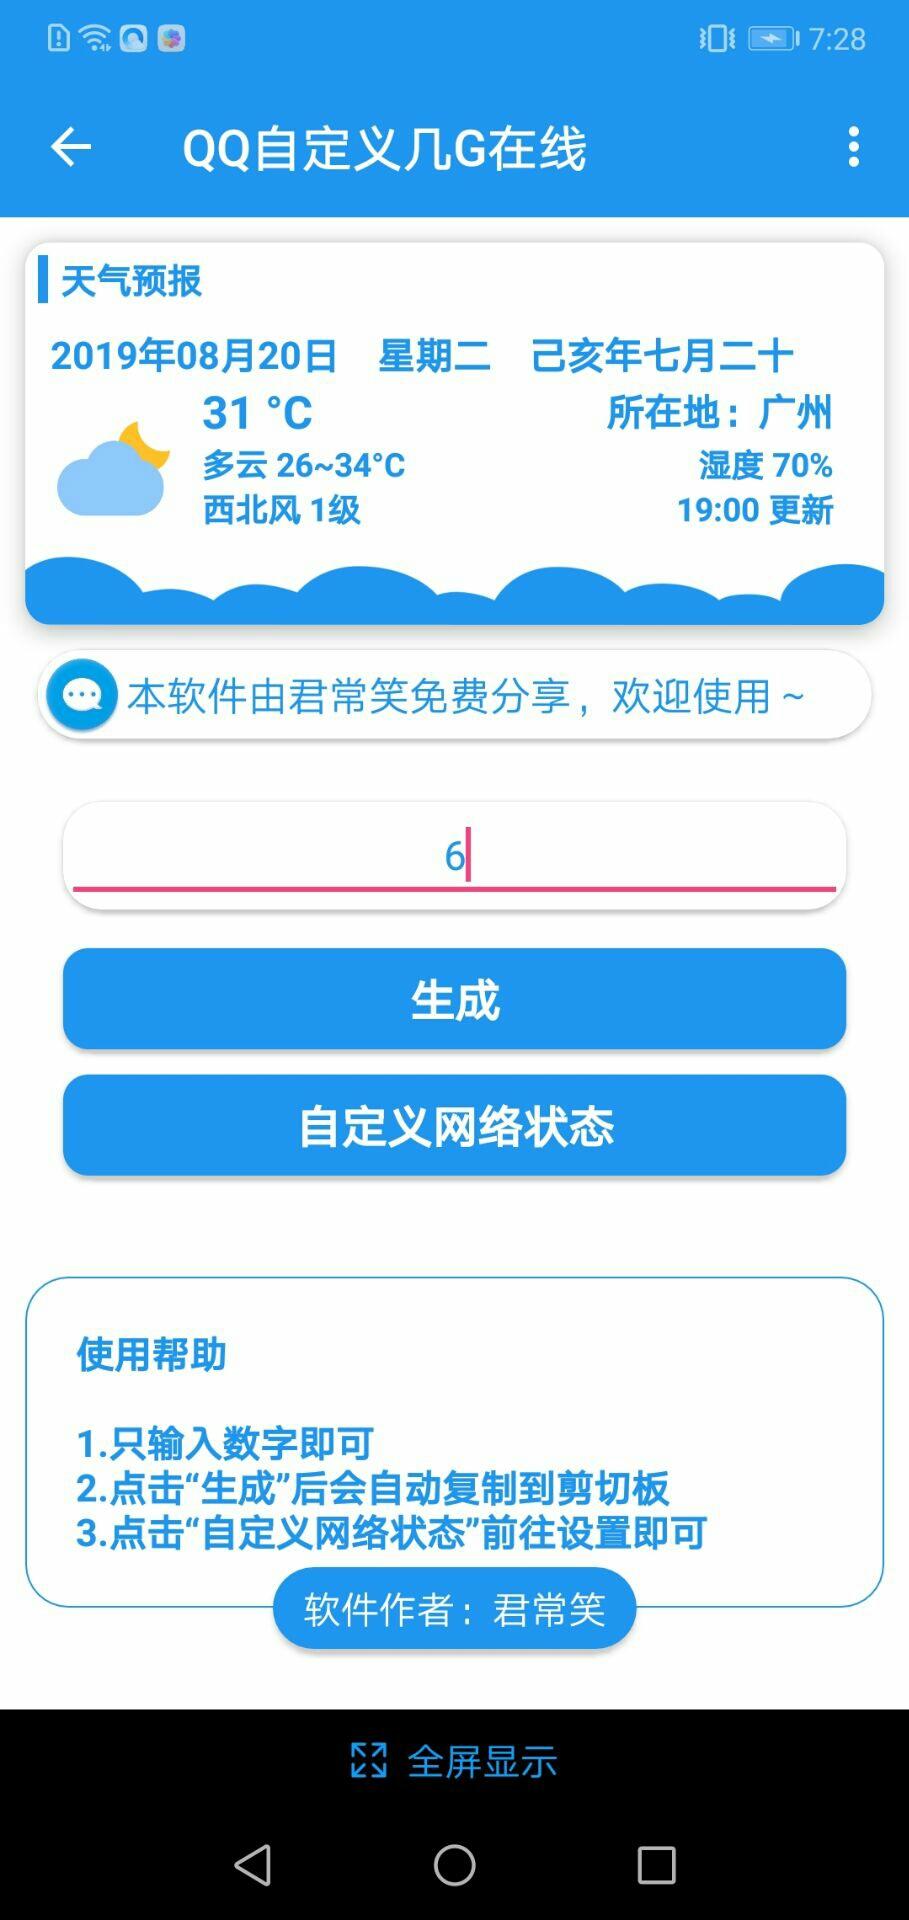 【资源分享】QQ自定义几G在线-爱小助